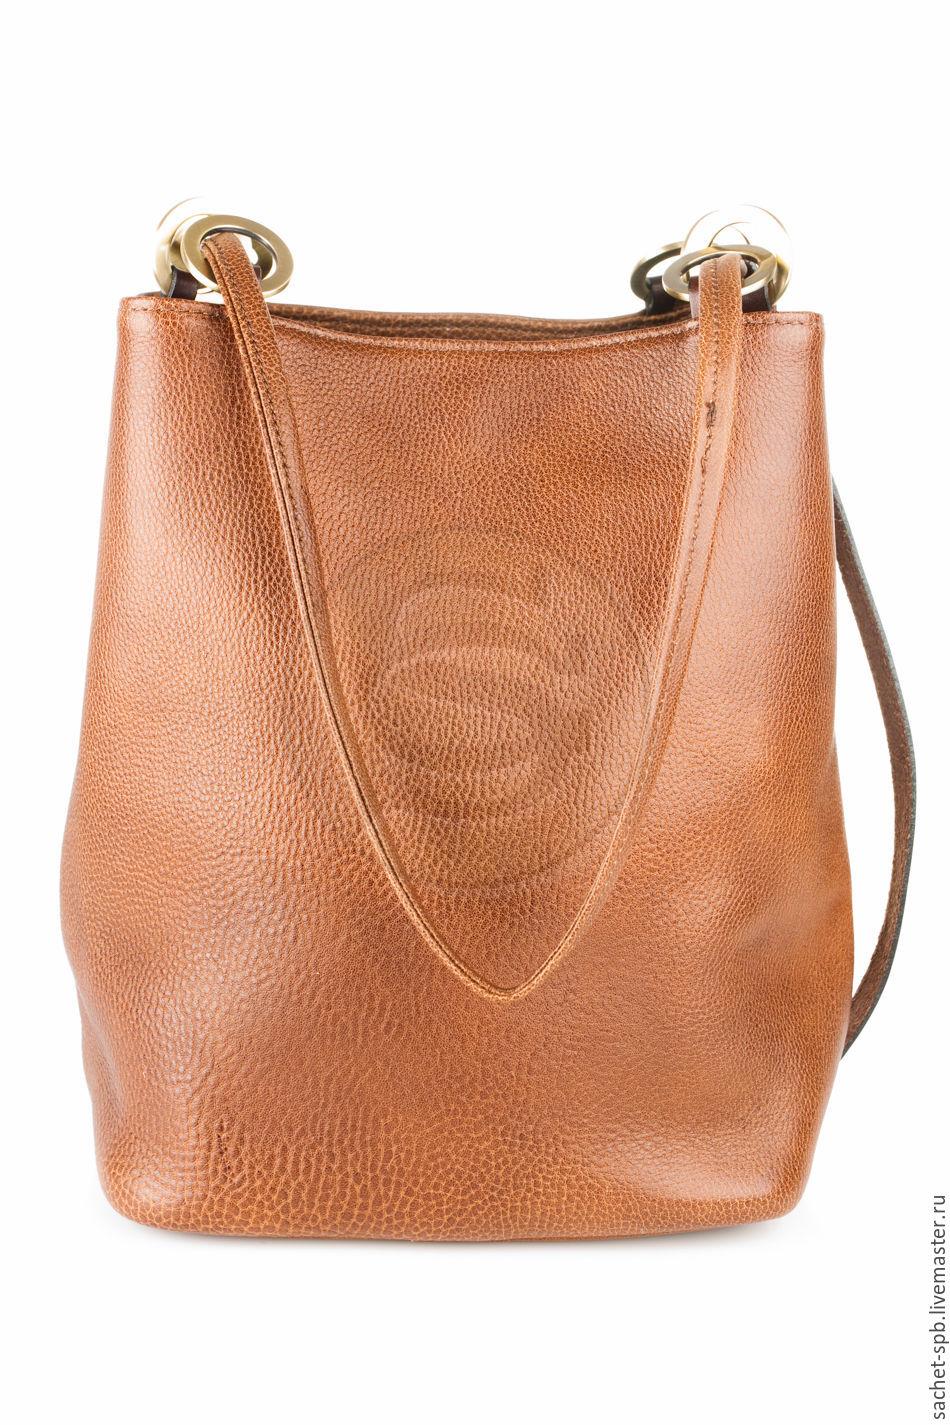 """Женские сумки ручной работы. Ярмарка Мастеров - ручная работа. Купить Женская кожаная сумка """"Хлоя"""" коричневая. Handmade. Коричневый"""